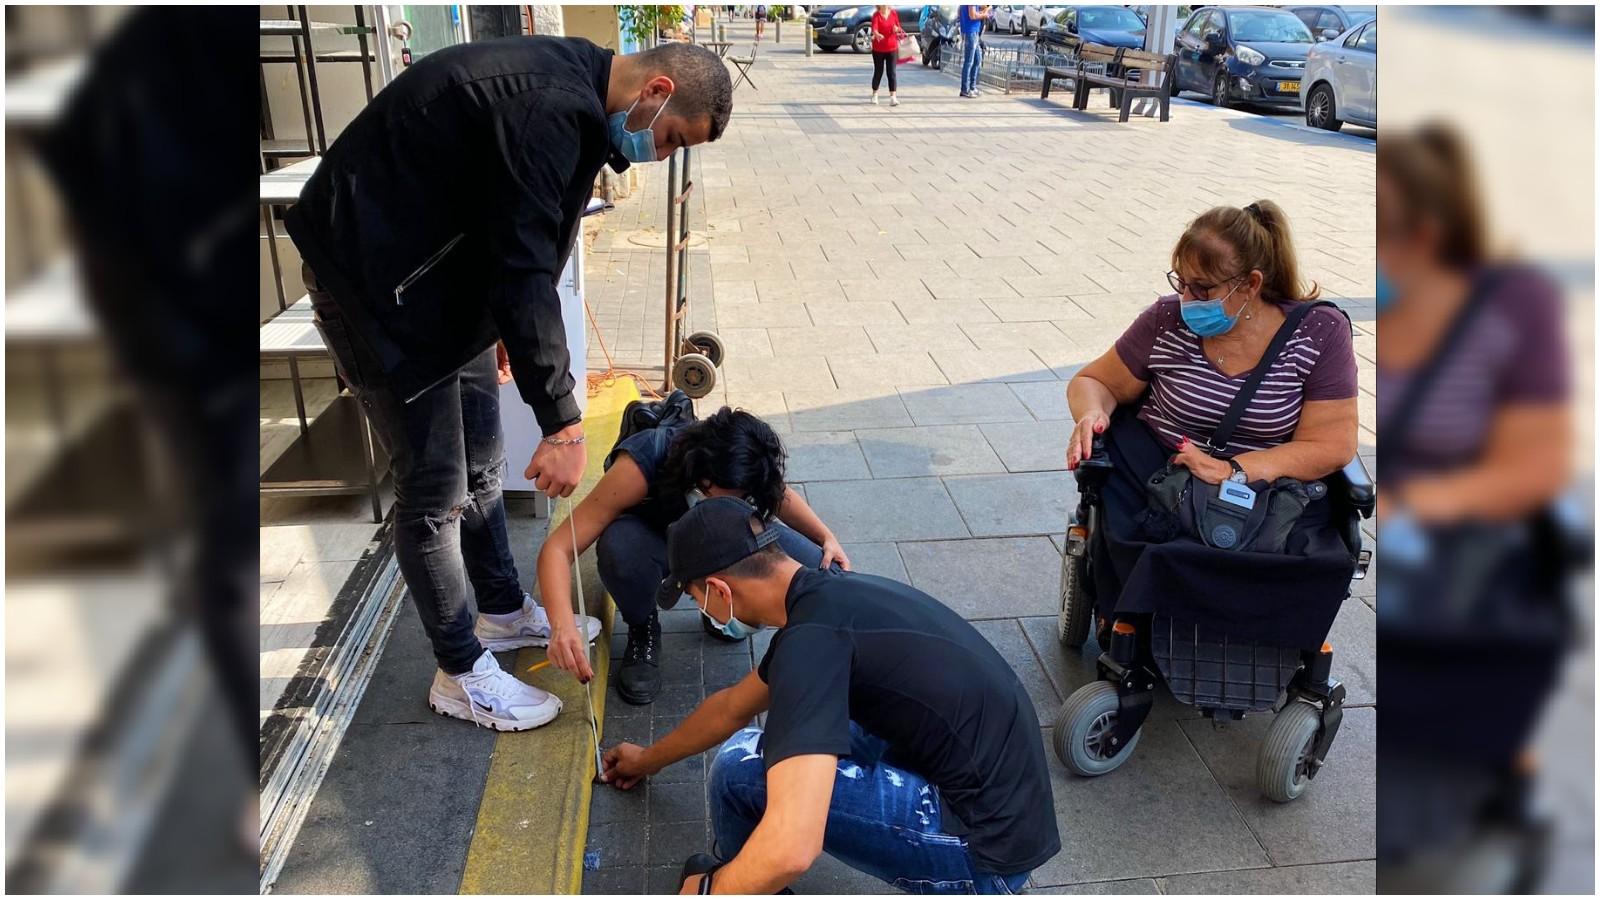 תלמידי מפתן ארז מכינים רמפה לעסקים במרכז העיר עבור אנשים עם מוגבלויות